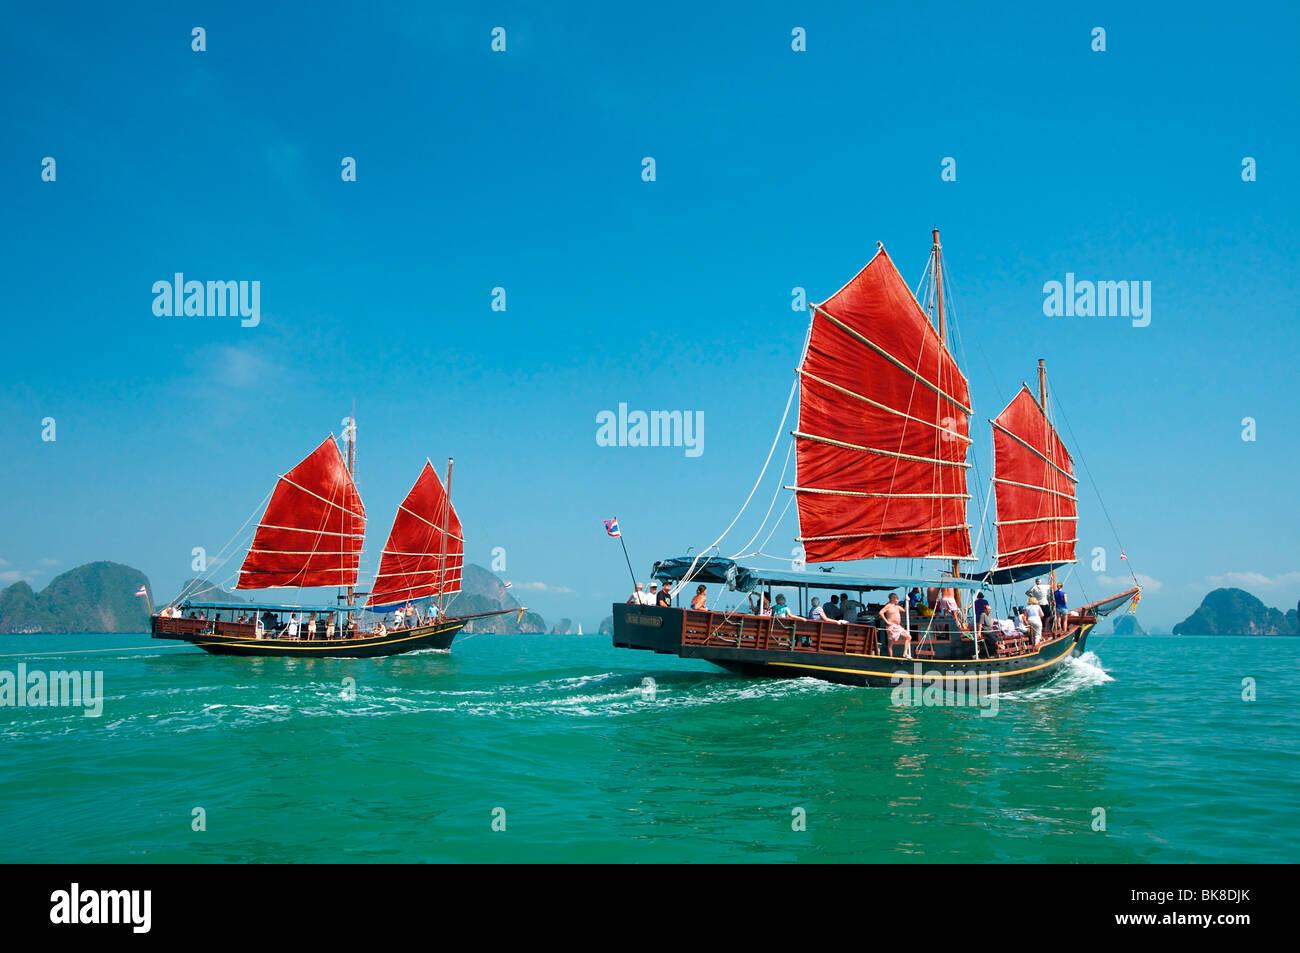 Dschunken in Phang Nga Bay, Phuket, Thailand, Asien Stockbild